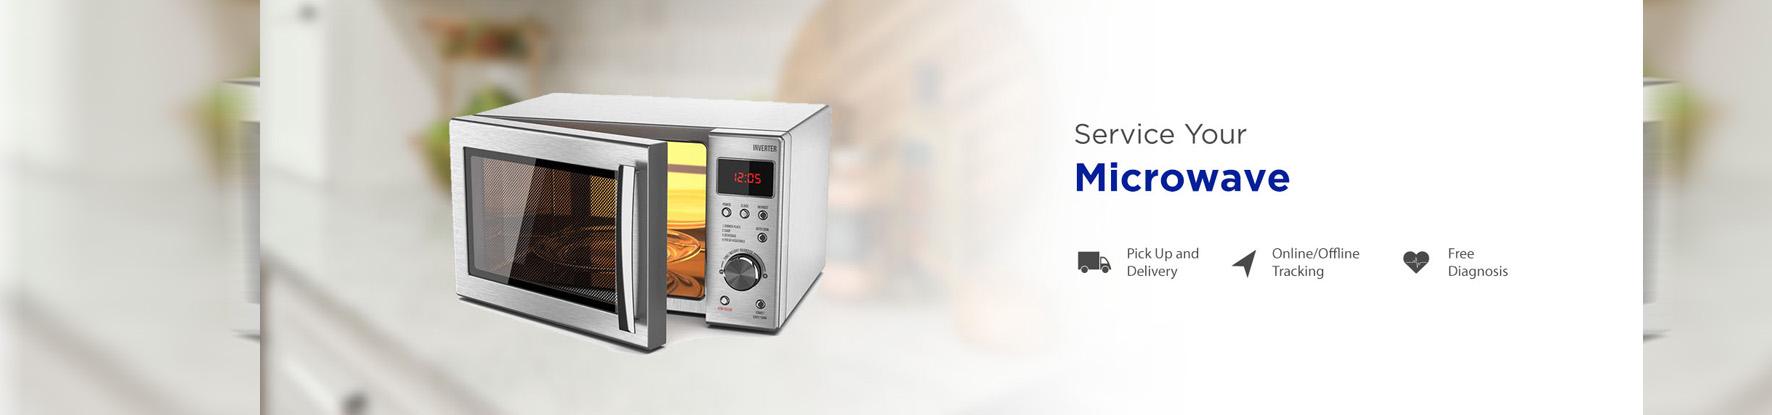 whirlpool microwave helpline